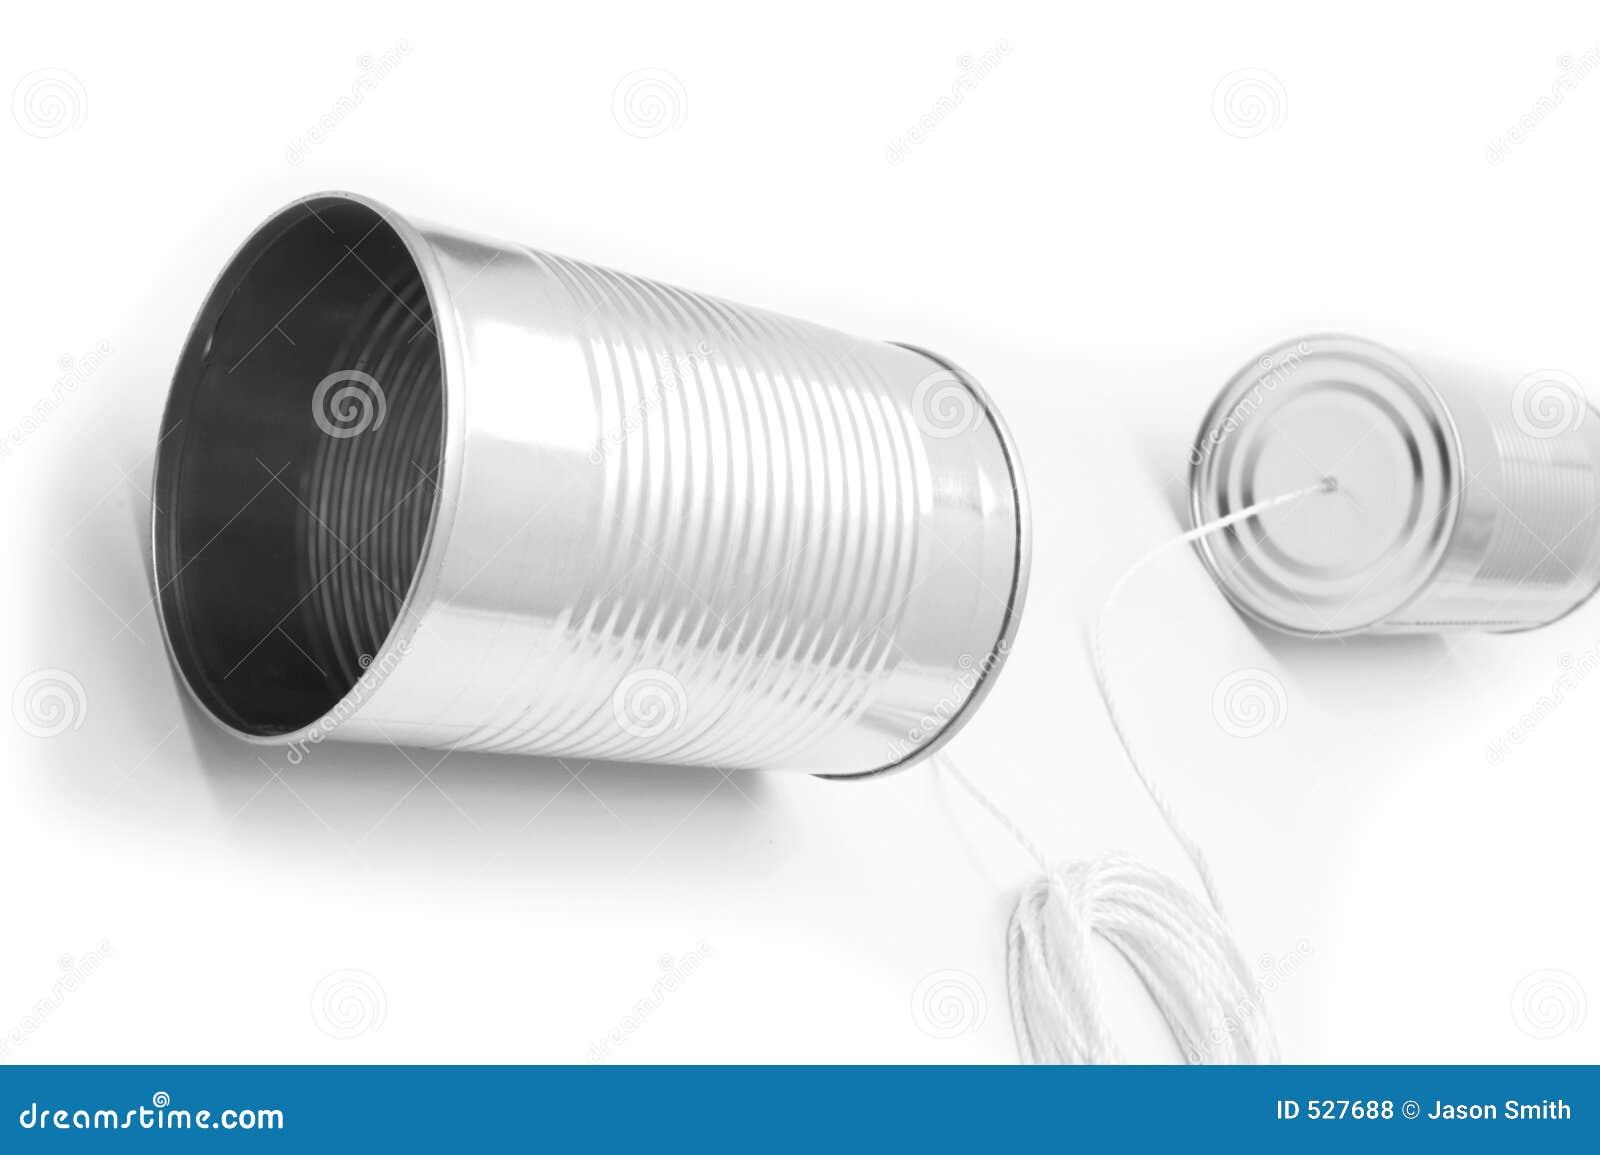 Download 罐头字符串锡 库存照片. 图片 包括有 推车, 演讲, 商业, 振动, 告诉, 连接, 声音, 玩具, 沟通 - 527688